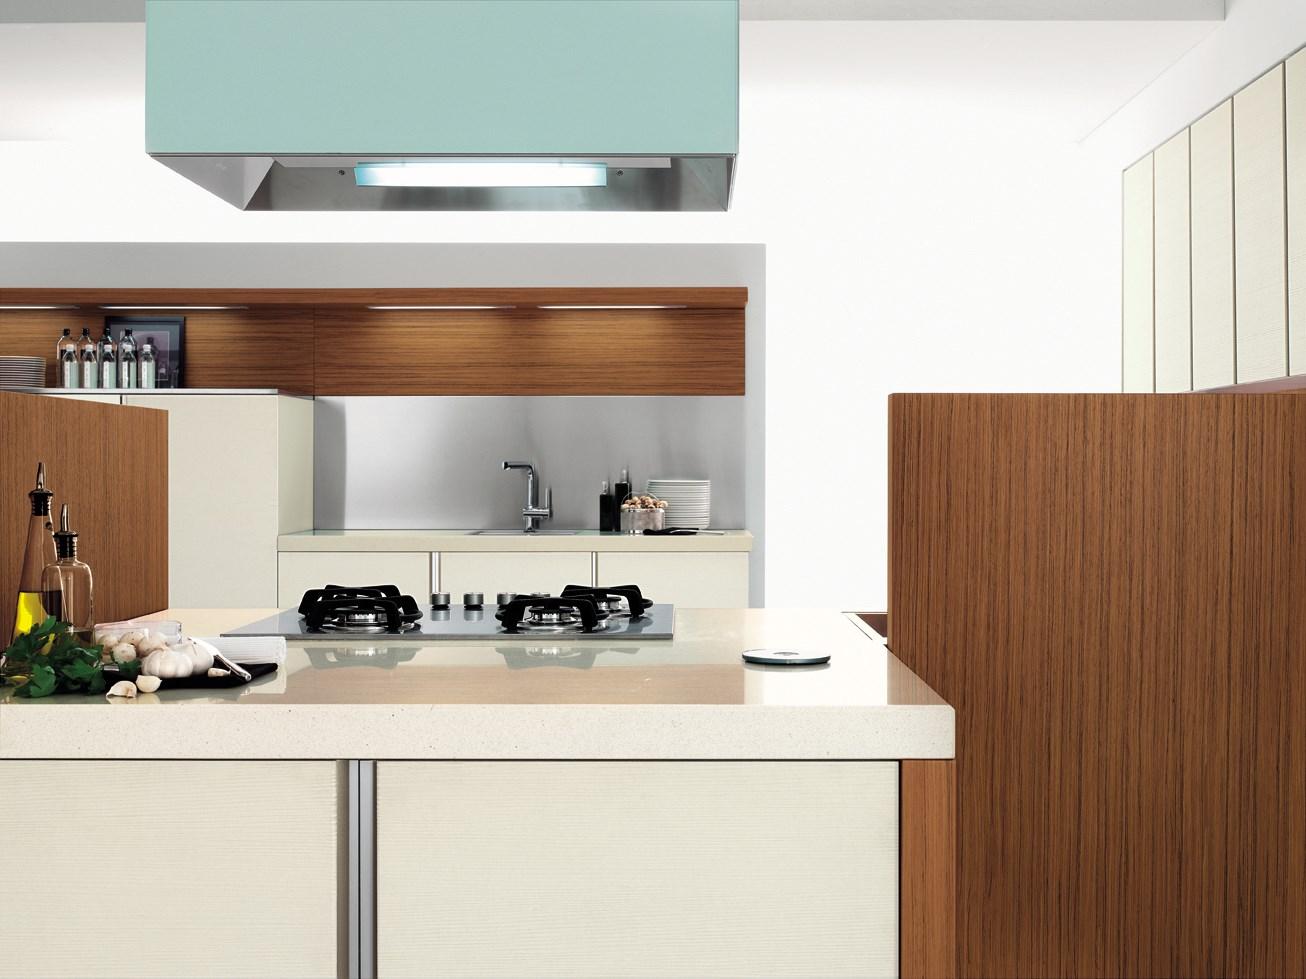 Piani da lavoro e top in quarzo per la cucina - Piani da cucina ...